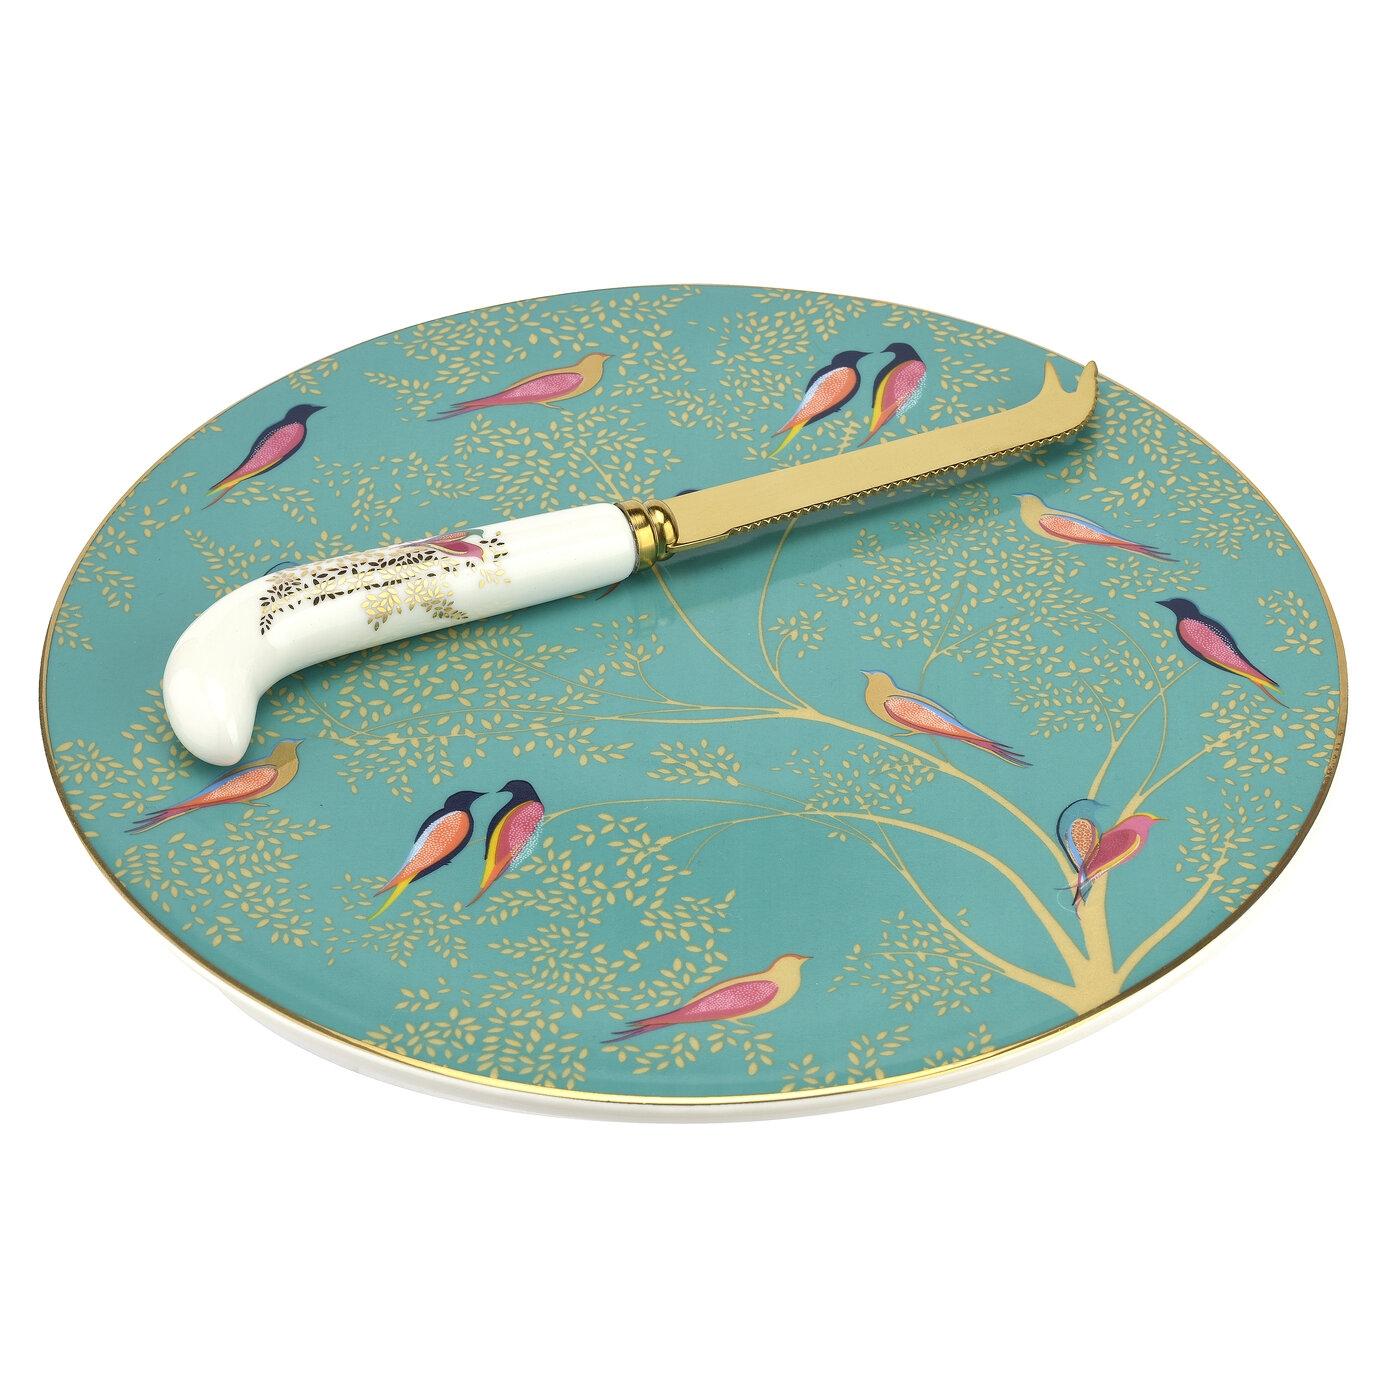 포트메리온 '사라 밀러 런던' 치즈 접시 앤 나이프 Sara Miller London for Portmeirion Chelsea Collection Cheese Plate with Knife